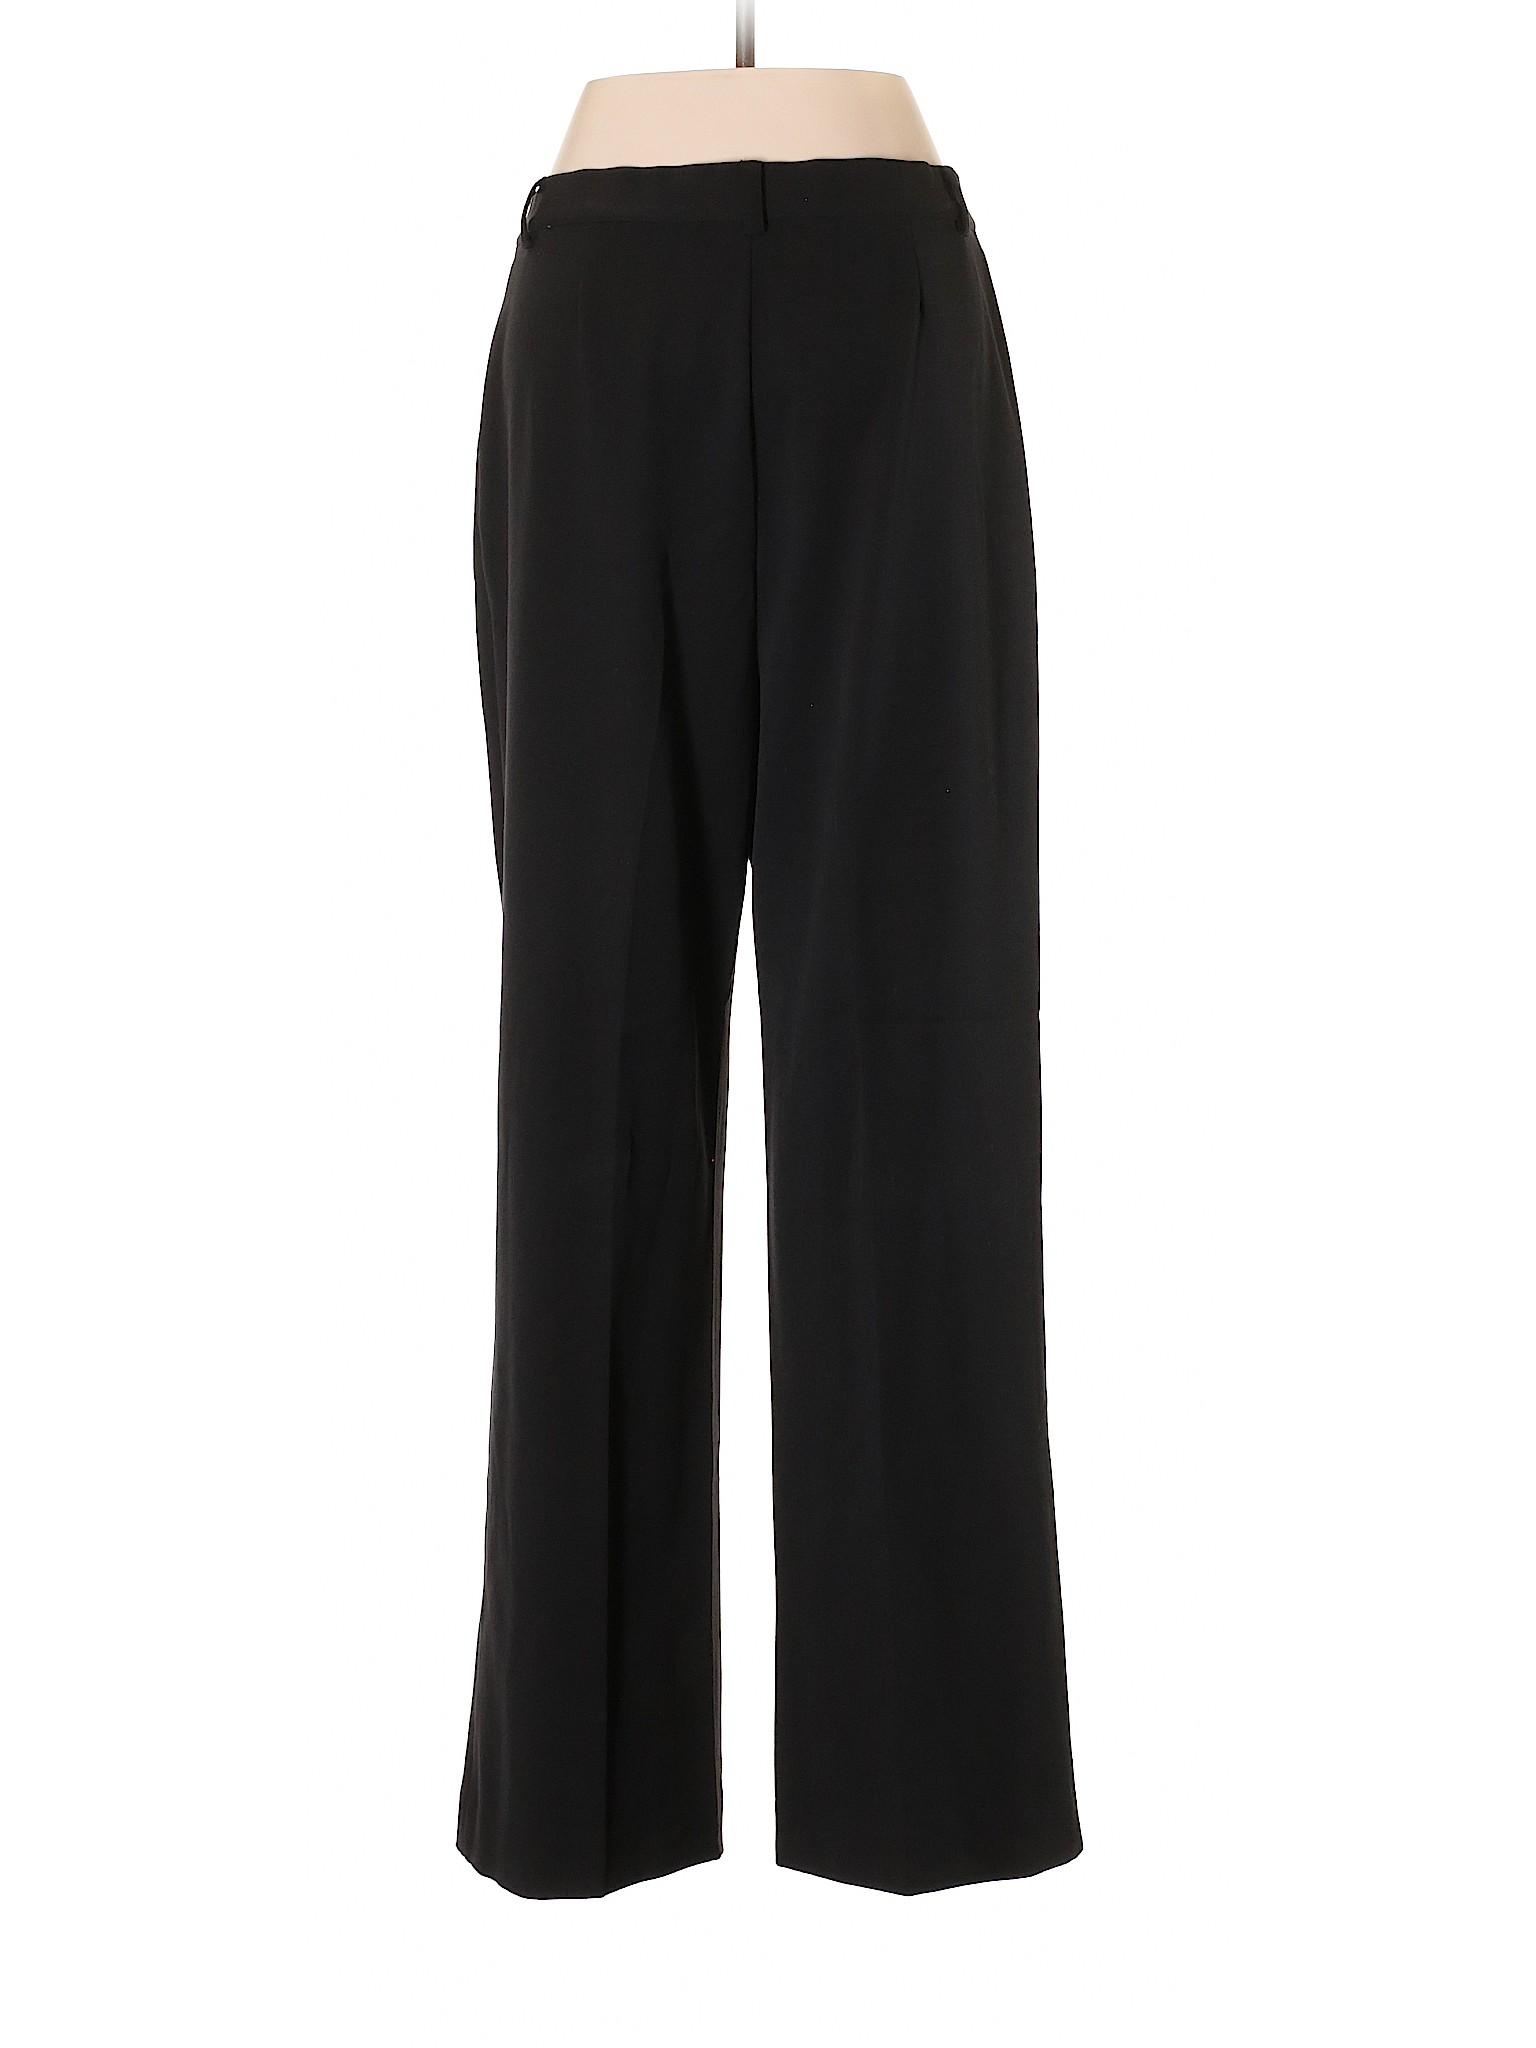 Boutique Pants Dress Christopher Banks amp; leisure 7XwAxqr7